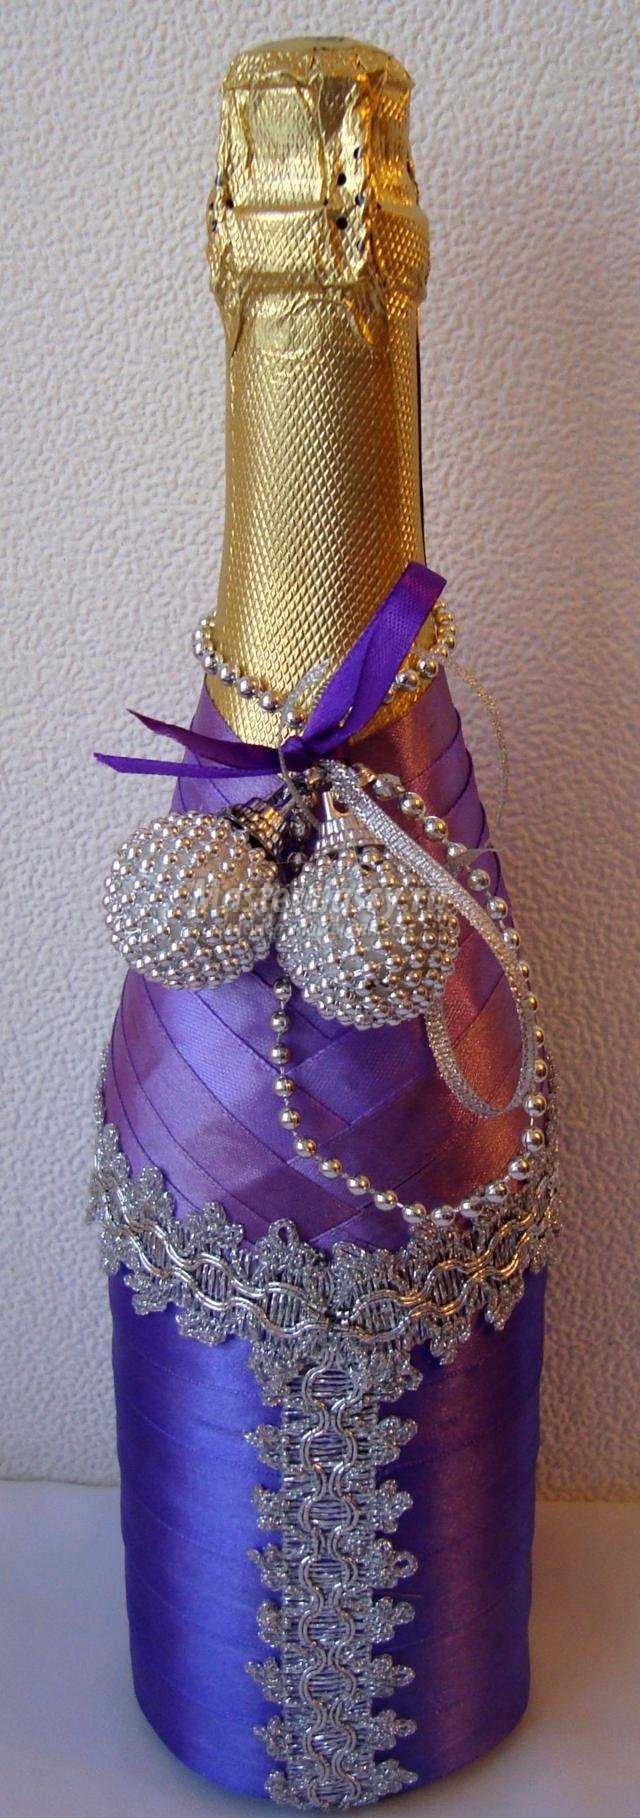 Бутылки шампанского своими руками из атласных лент